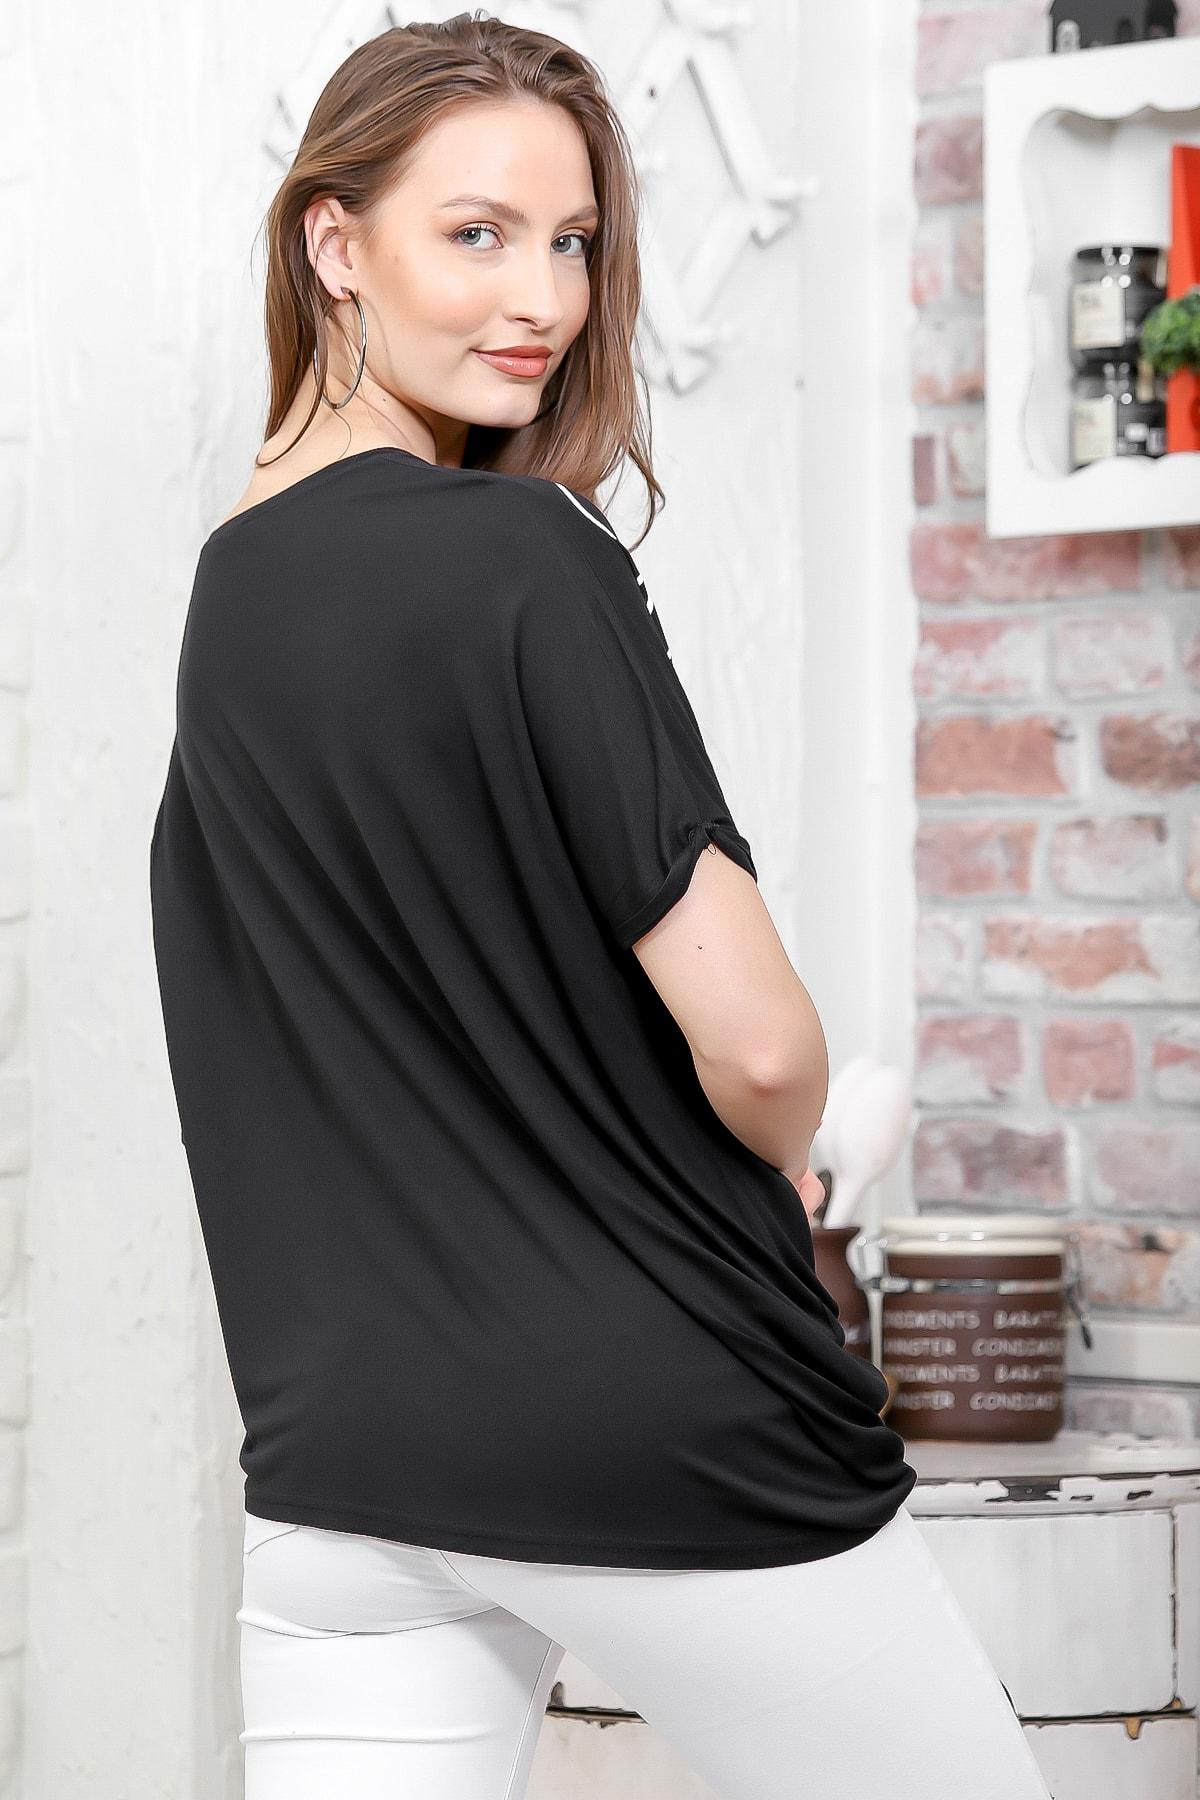 Chiccy Kadın Siyah Sıfır Yaka Yanı Asimetrik Baskılı Salaş T-Shirt M10010300TS98261 2